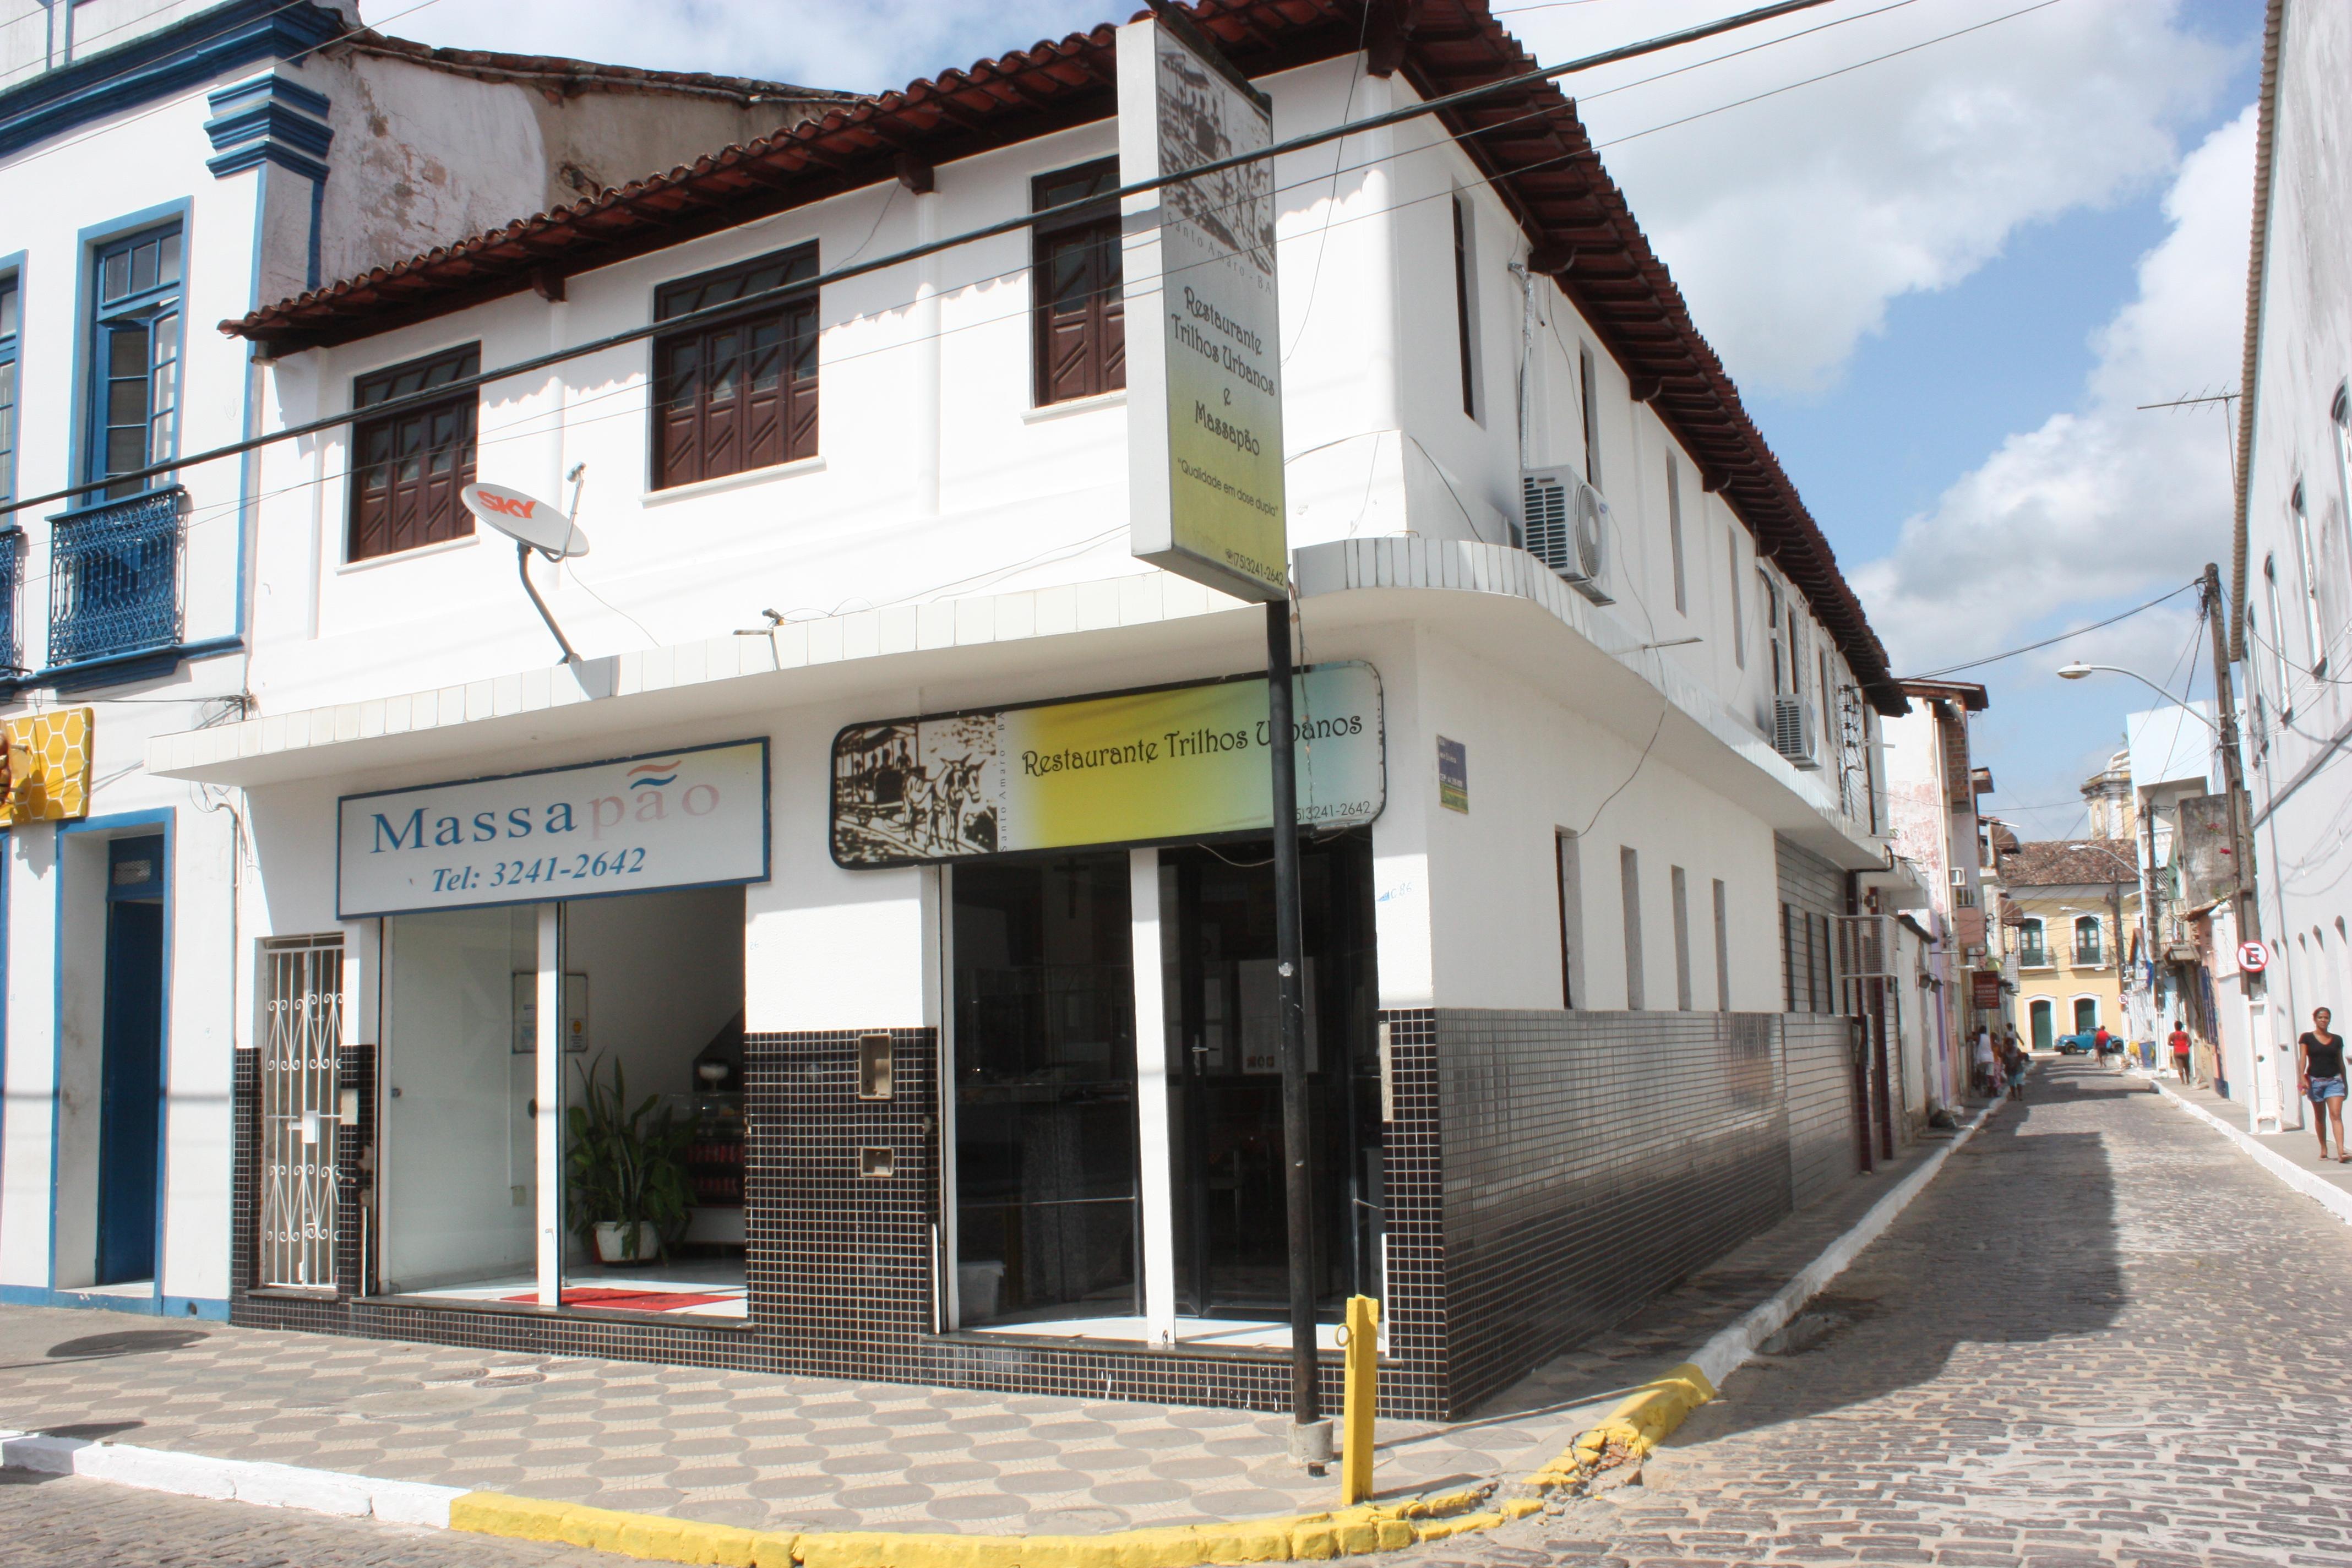 Restaurante Trilhos Urbanos: nome do estabelecimento resgate fato histórico